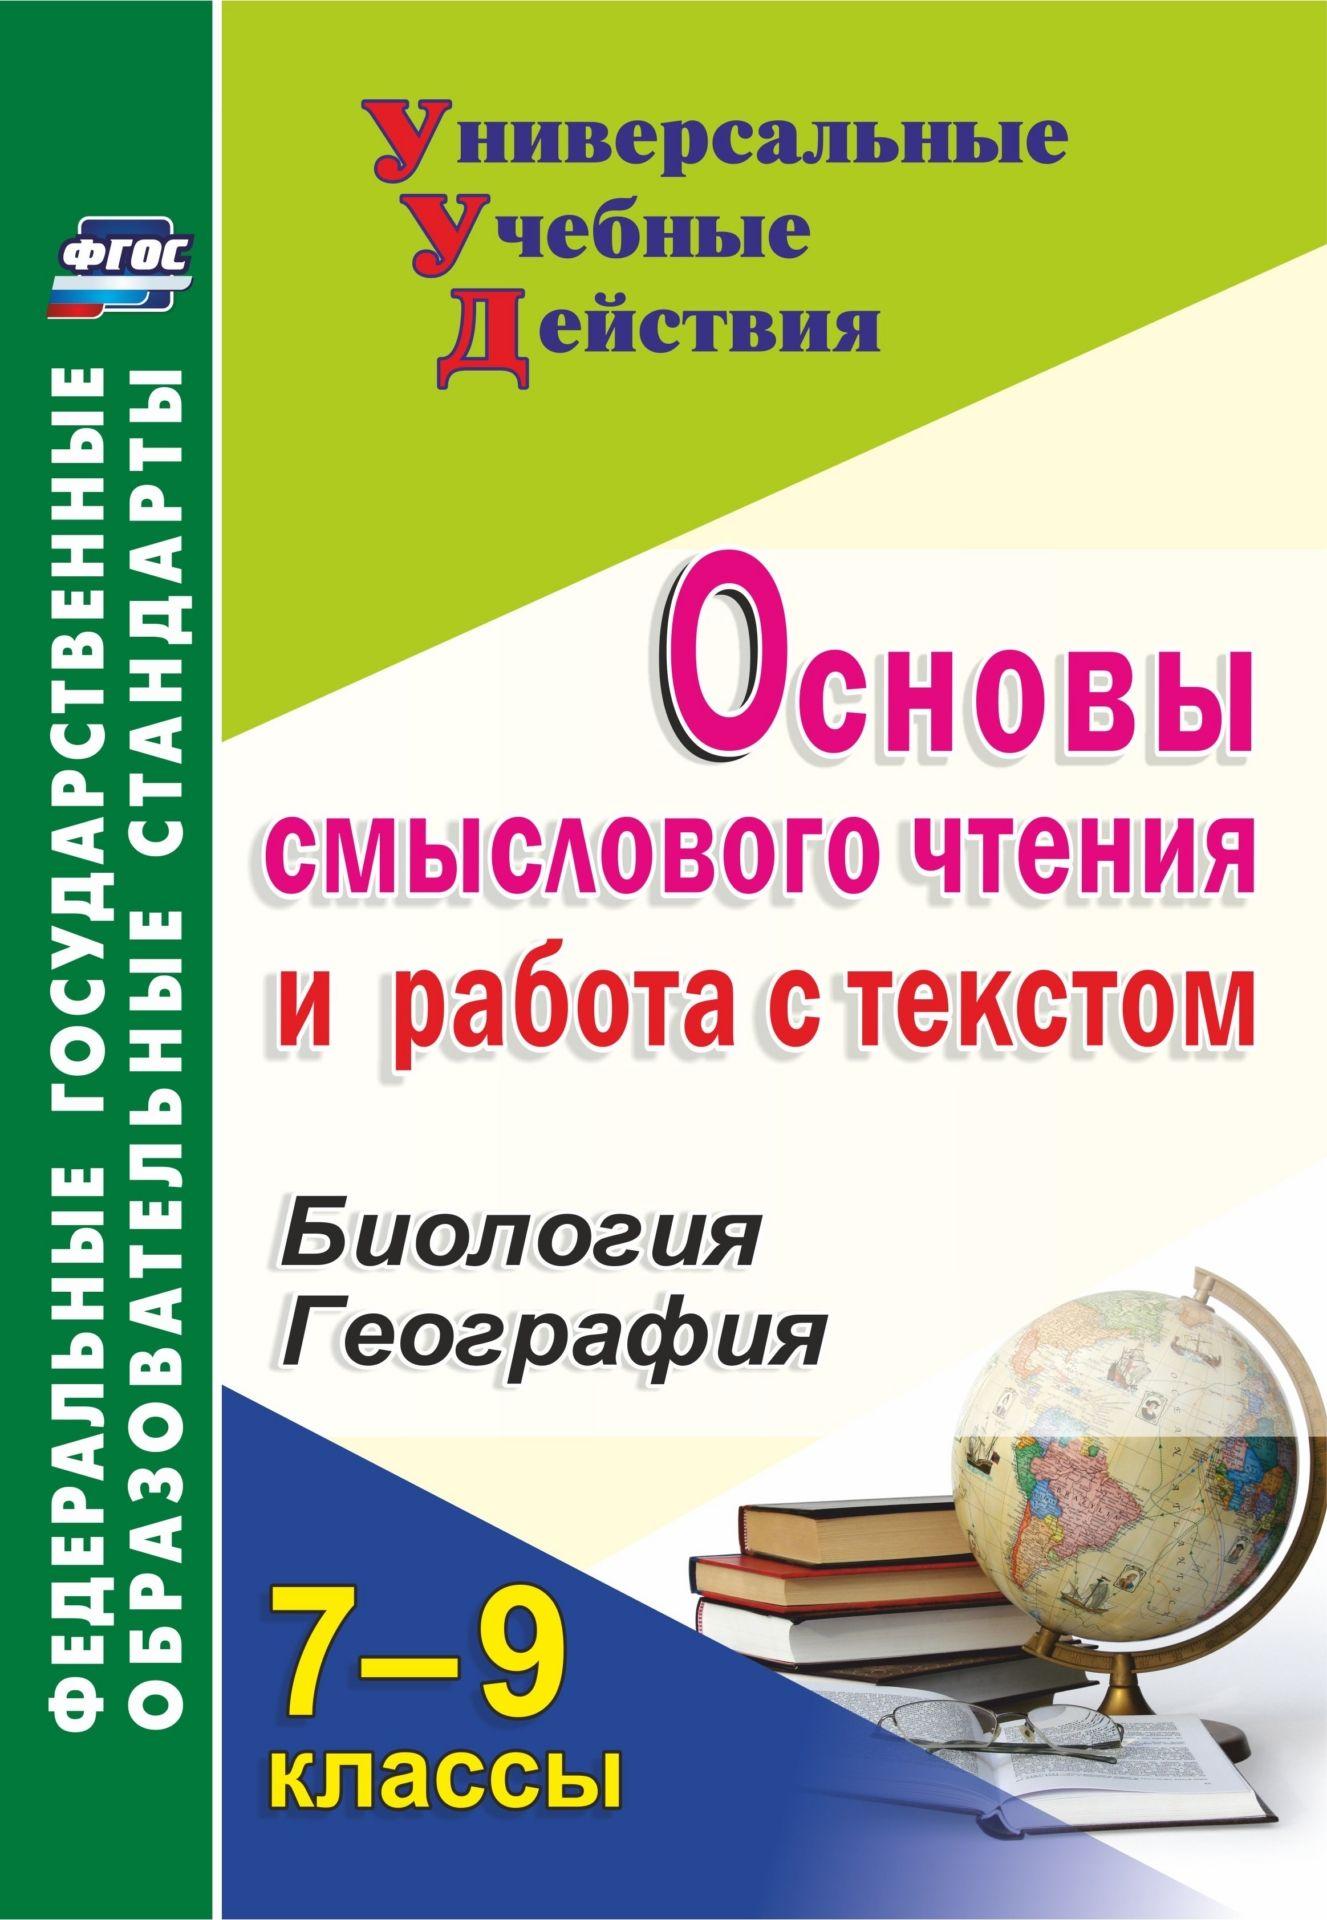 Основы смыслового чтения и работа с текстом. 7-9 классы: Биология. География